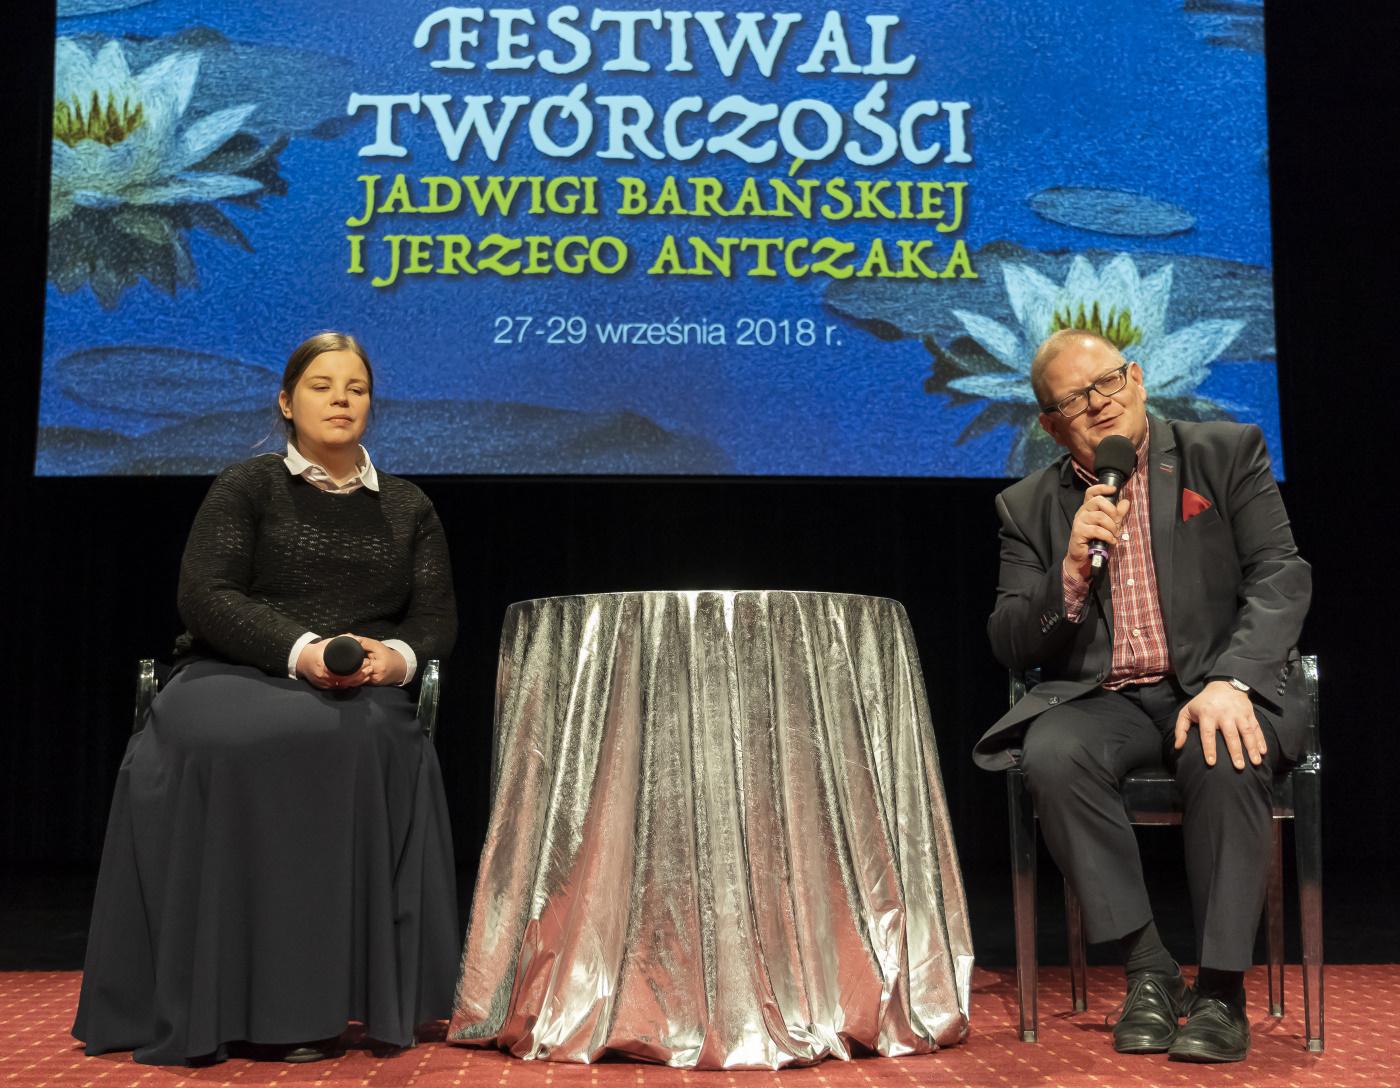 Festiwal Twórczości Jadwigi Barańskiej i Jerzego Antczaka